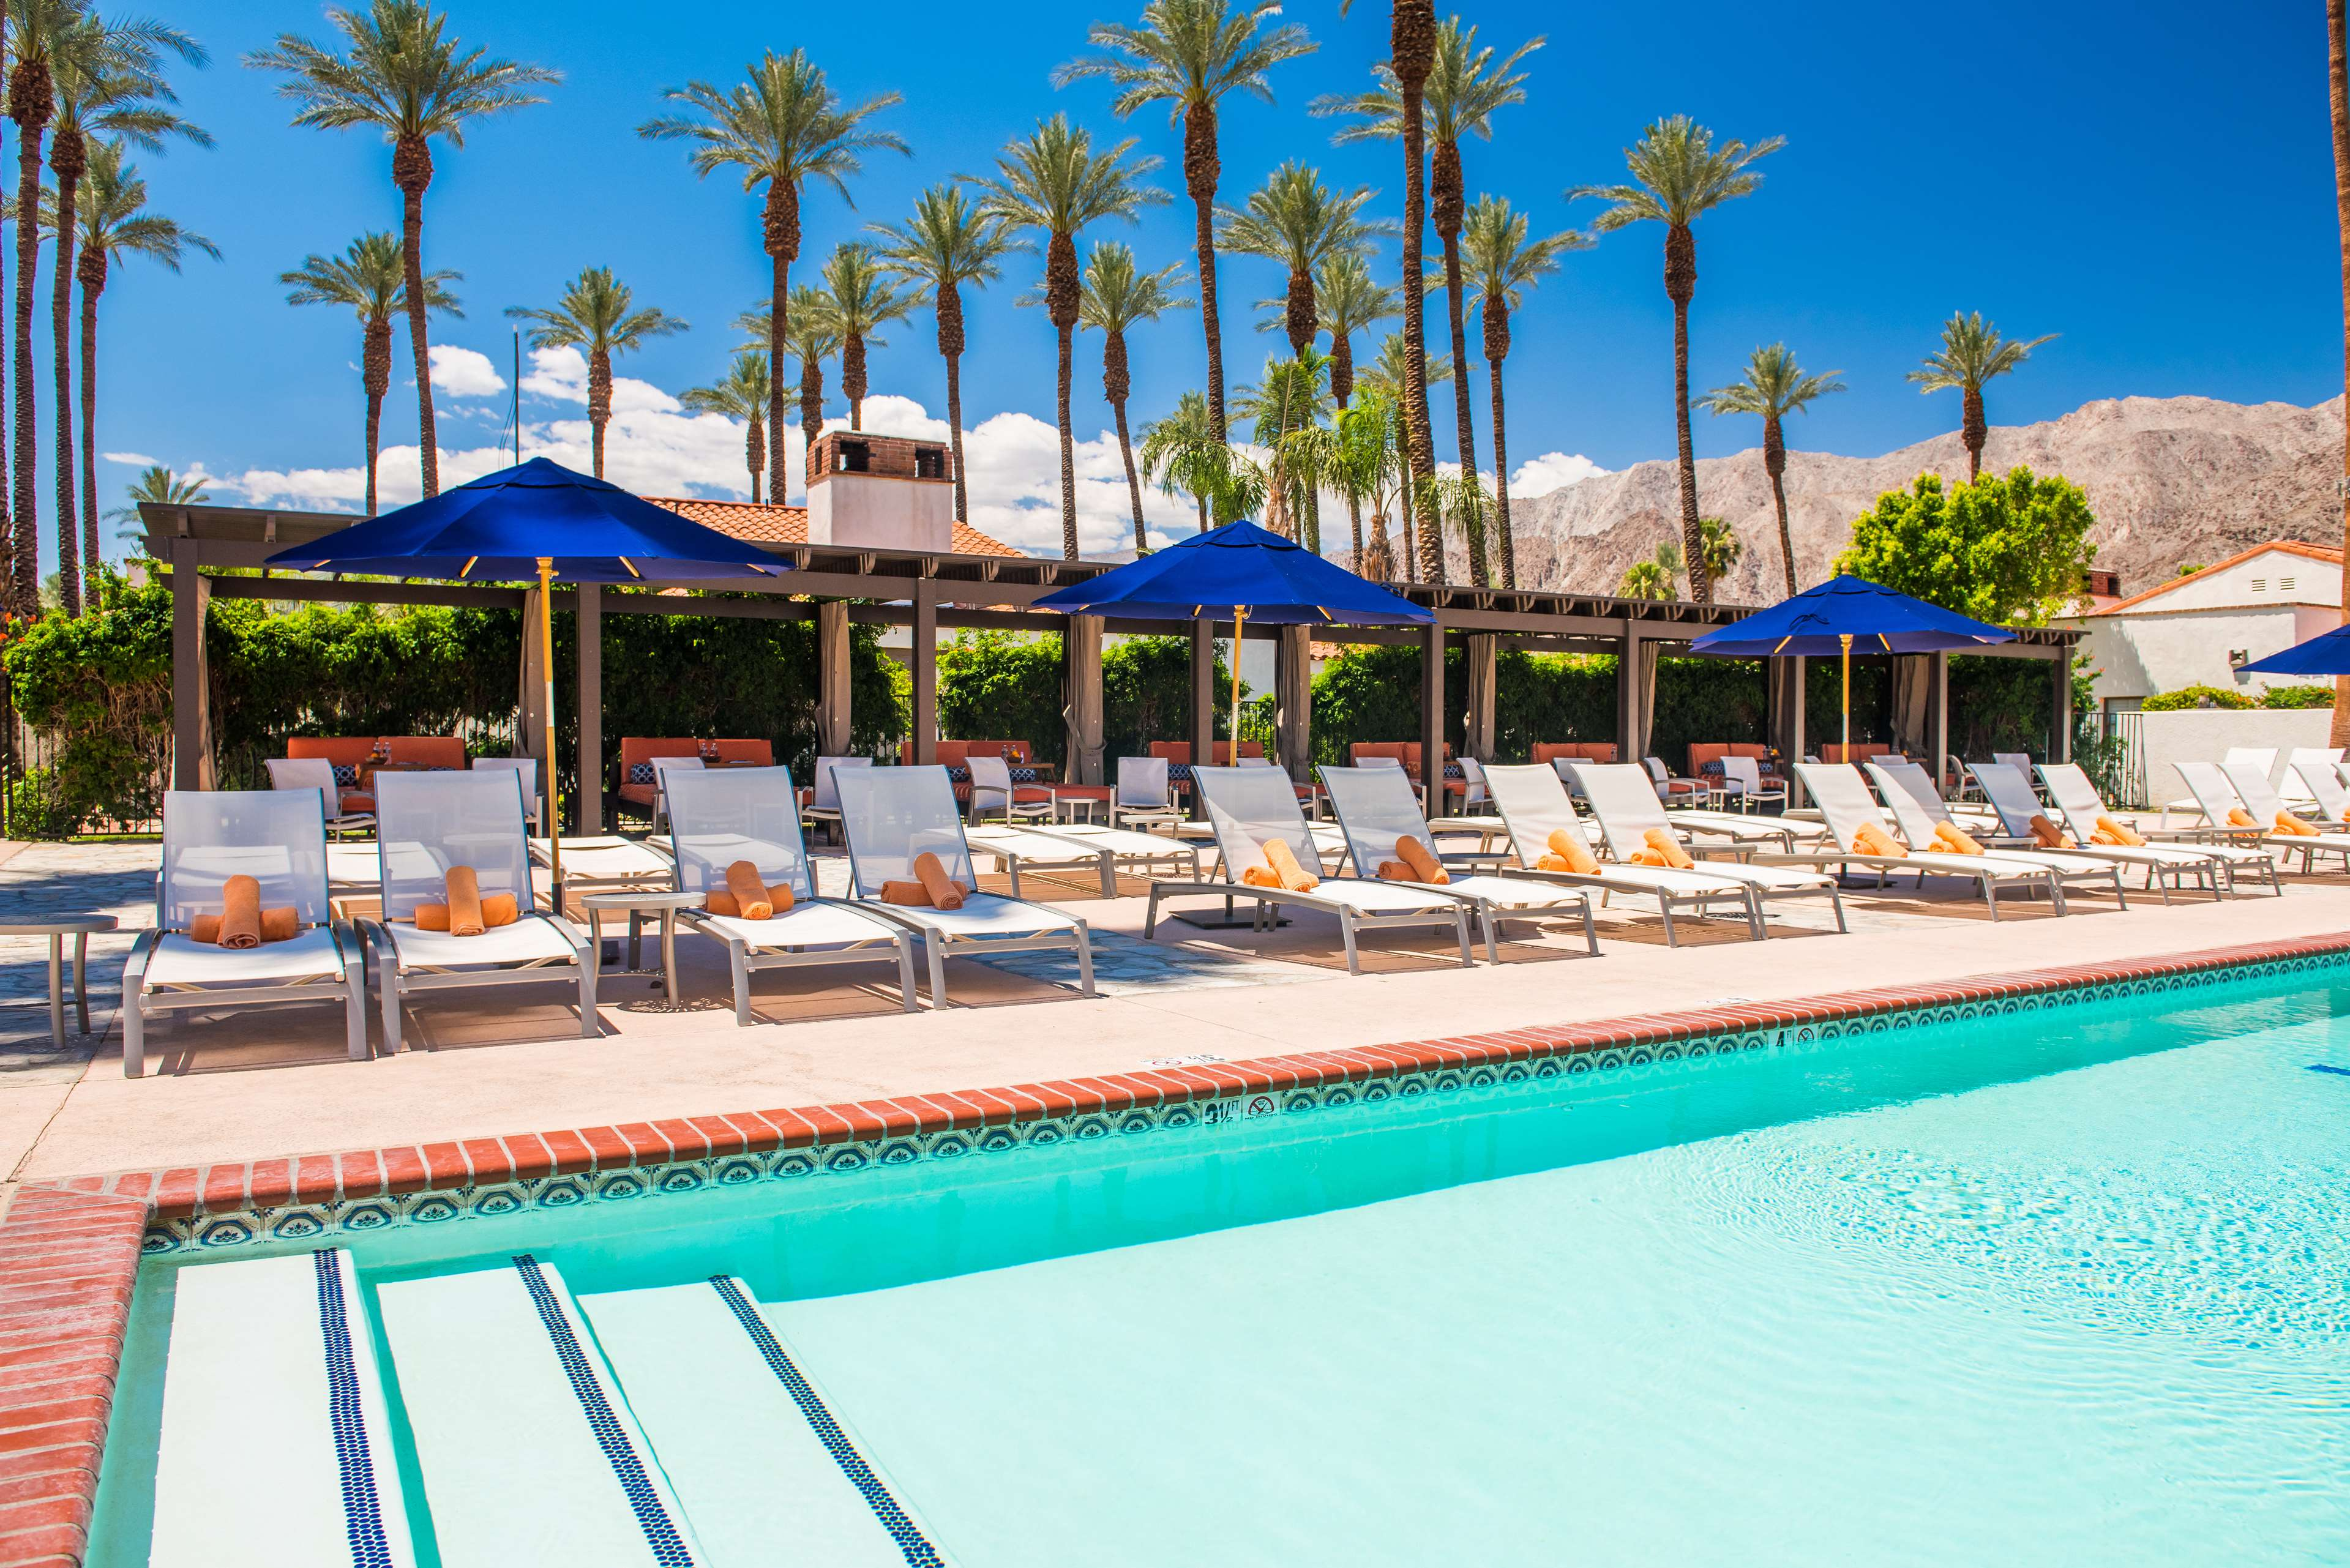 La Quinta Resort & Club, A Waldorf Astoria Resort image 6